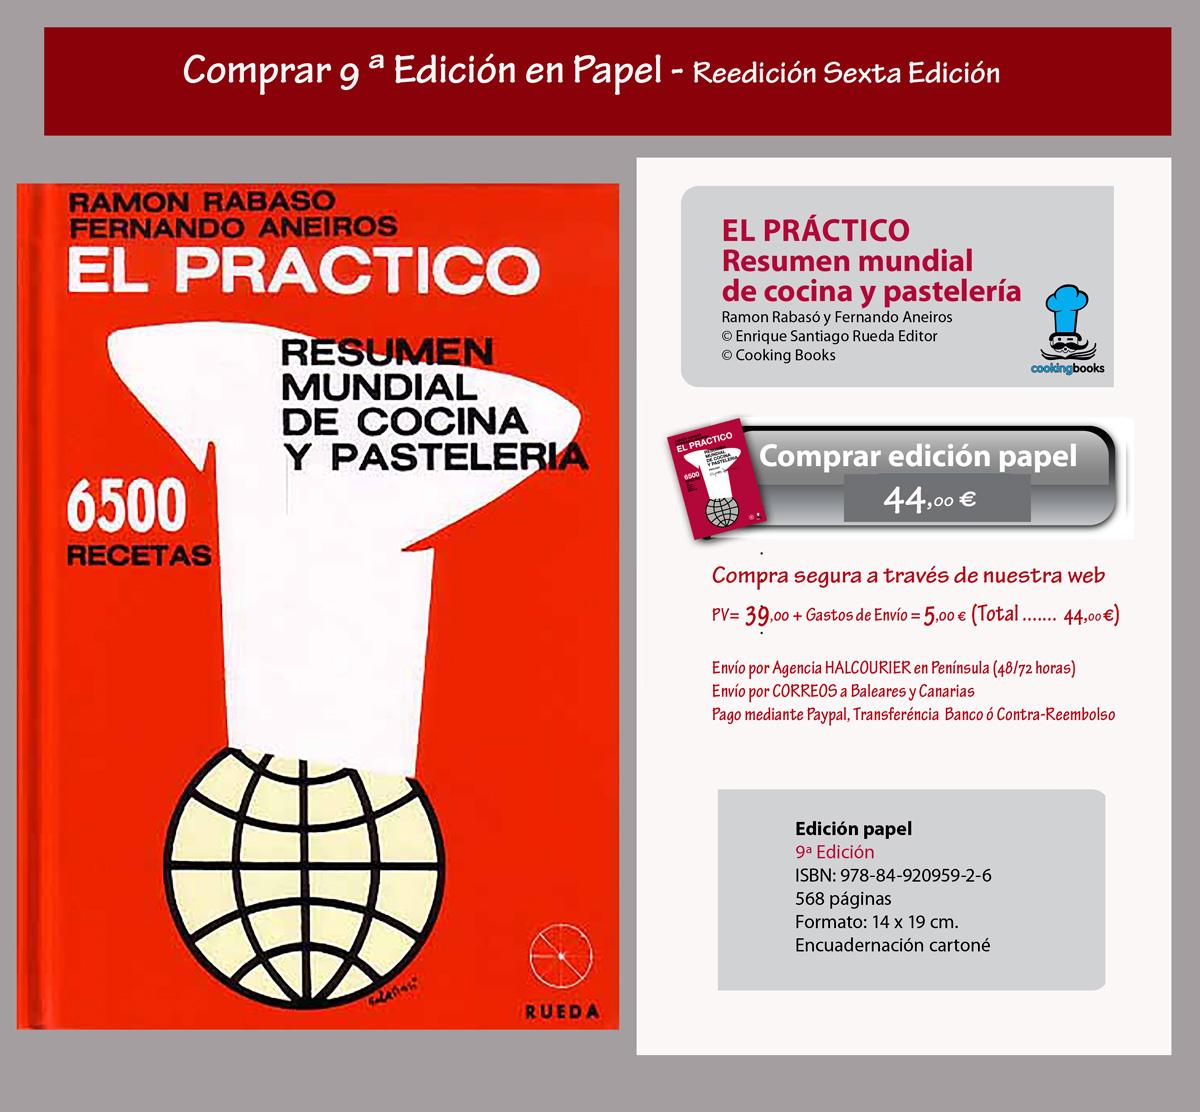 Comprar libro El PRACTICO 9ª- Edición en papel. - Cooking Books / Rueda